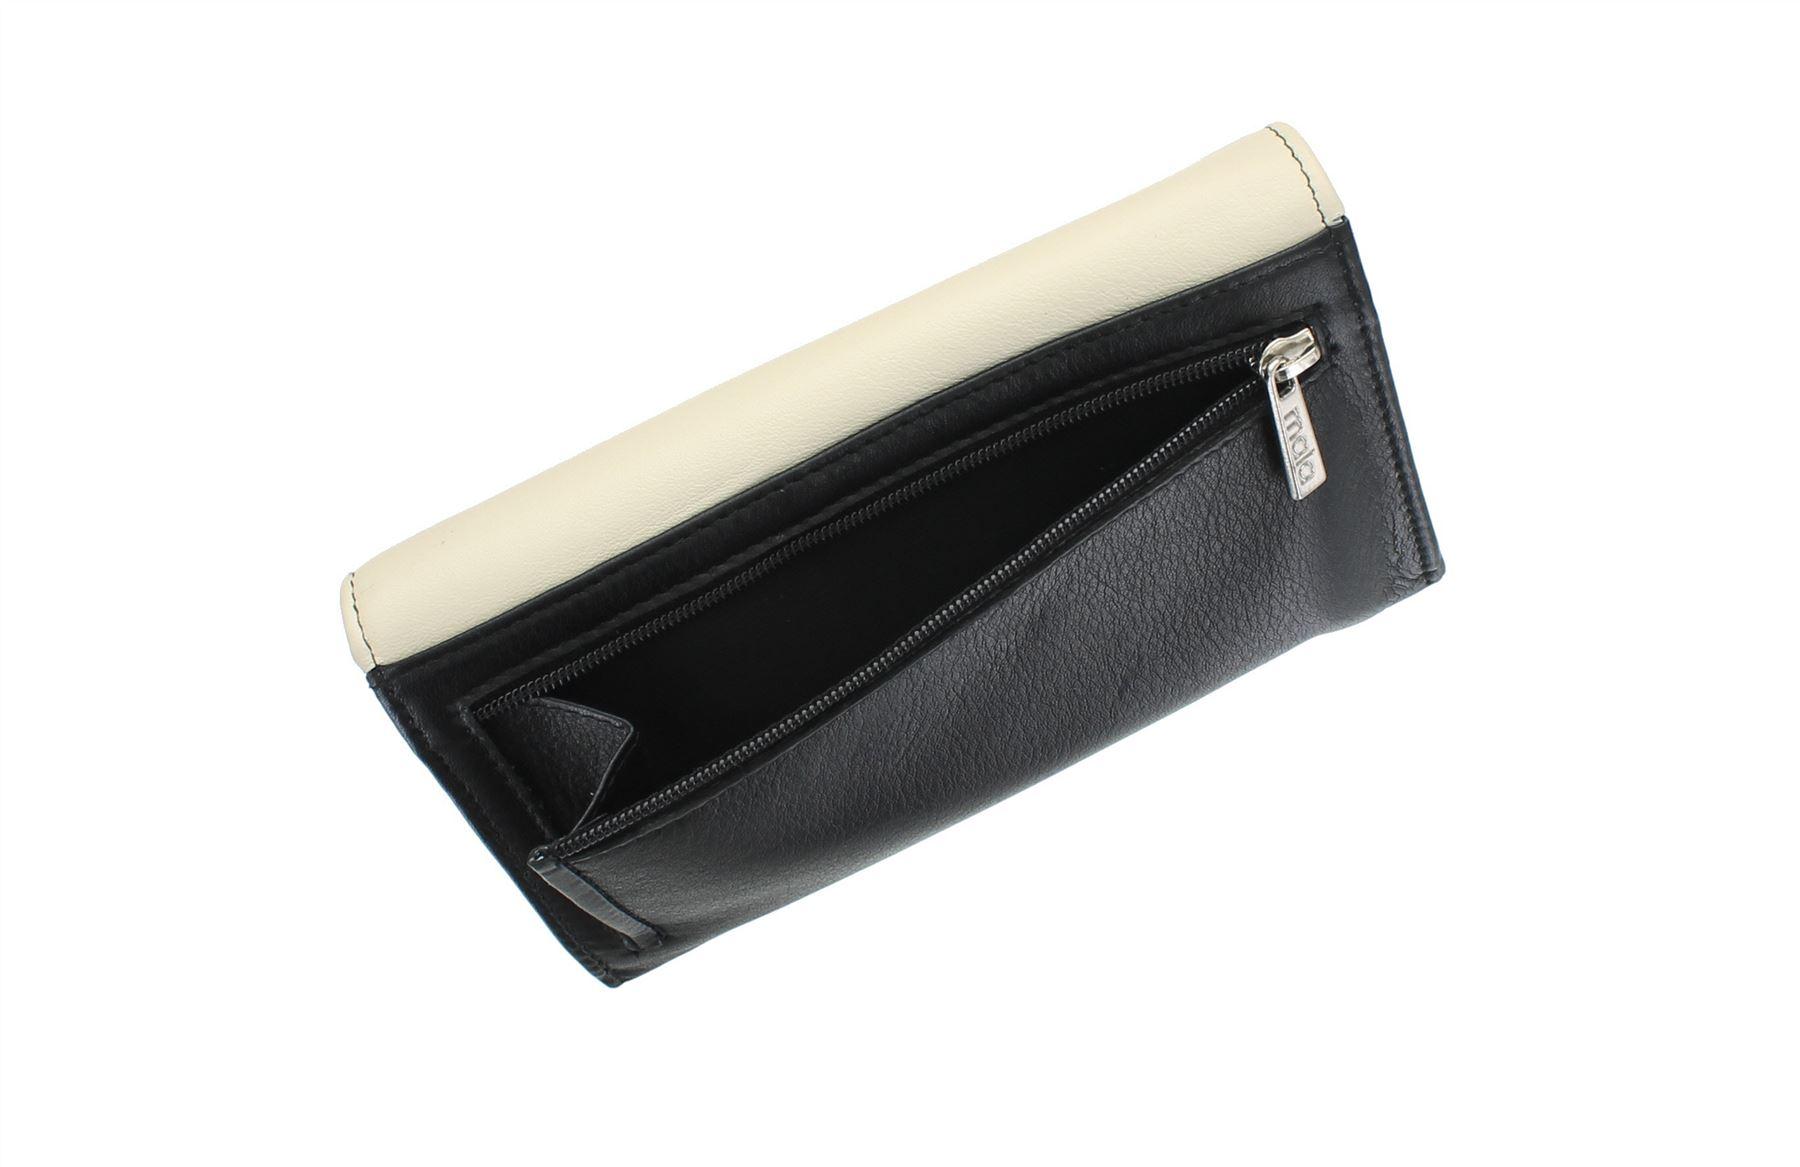 ᄄᆭpuisᄄᆭ la Multiprune 3186 Multi avec collection Noir Sac de Burchell Mala protection Leather RFID 79 WDH92EIeY